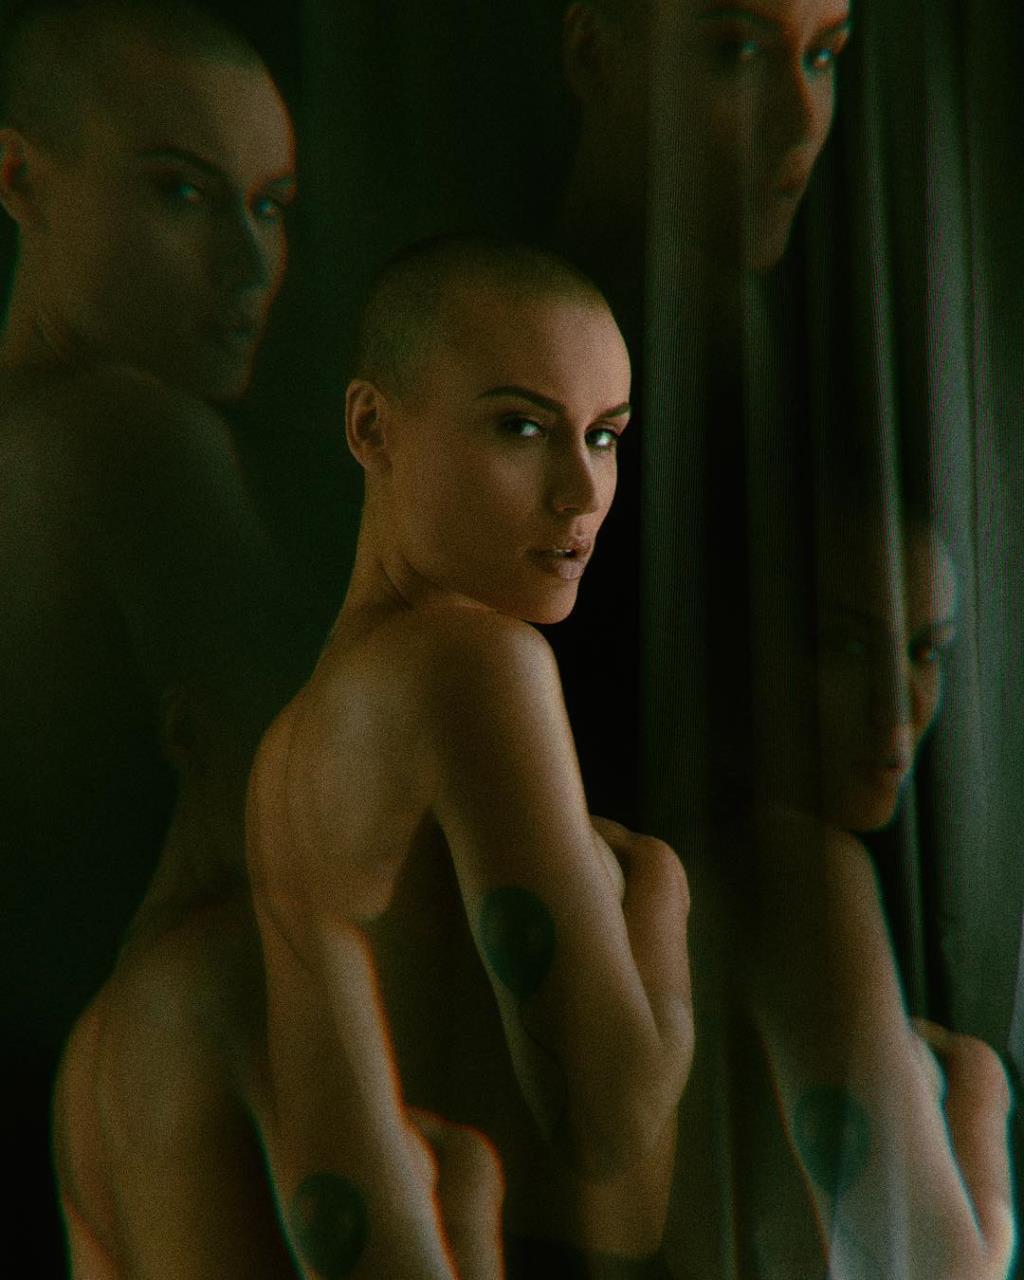 Porno Vendelali nude (31 photos), Pussy, Sideboobs, Selfie, panties 2019